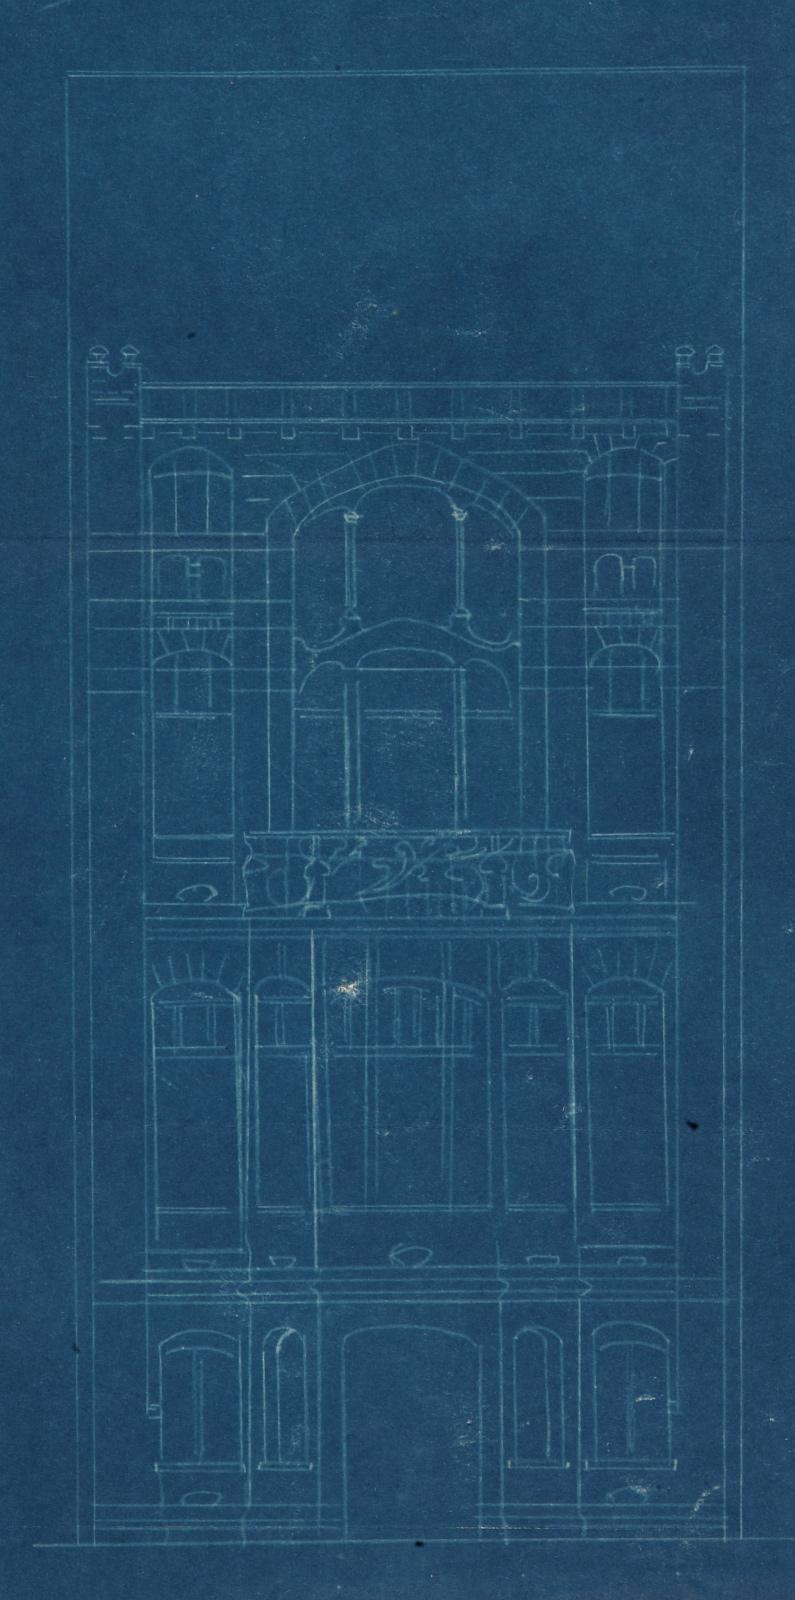 Rue de Belle-Vue 22 (démolie), maison de style Art nouveau, architecte Franz Tilley, élévation, AVB/TP 7402 (1900).